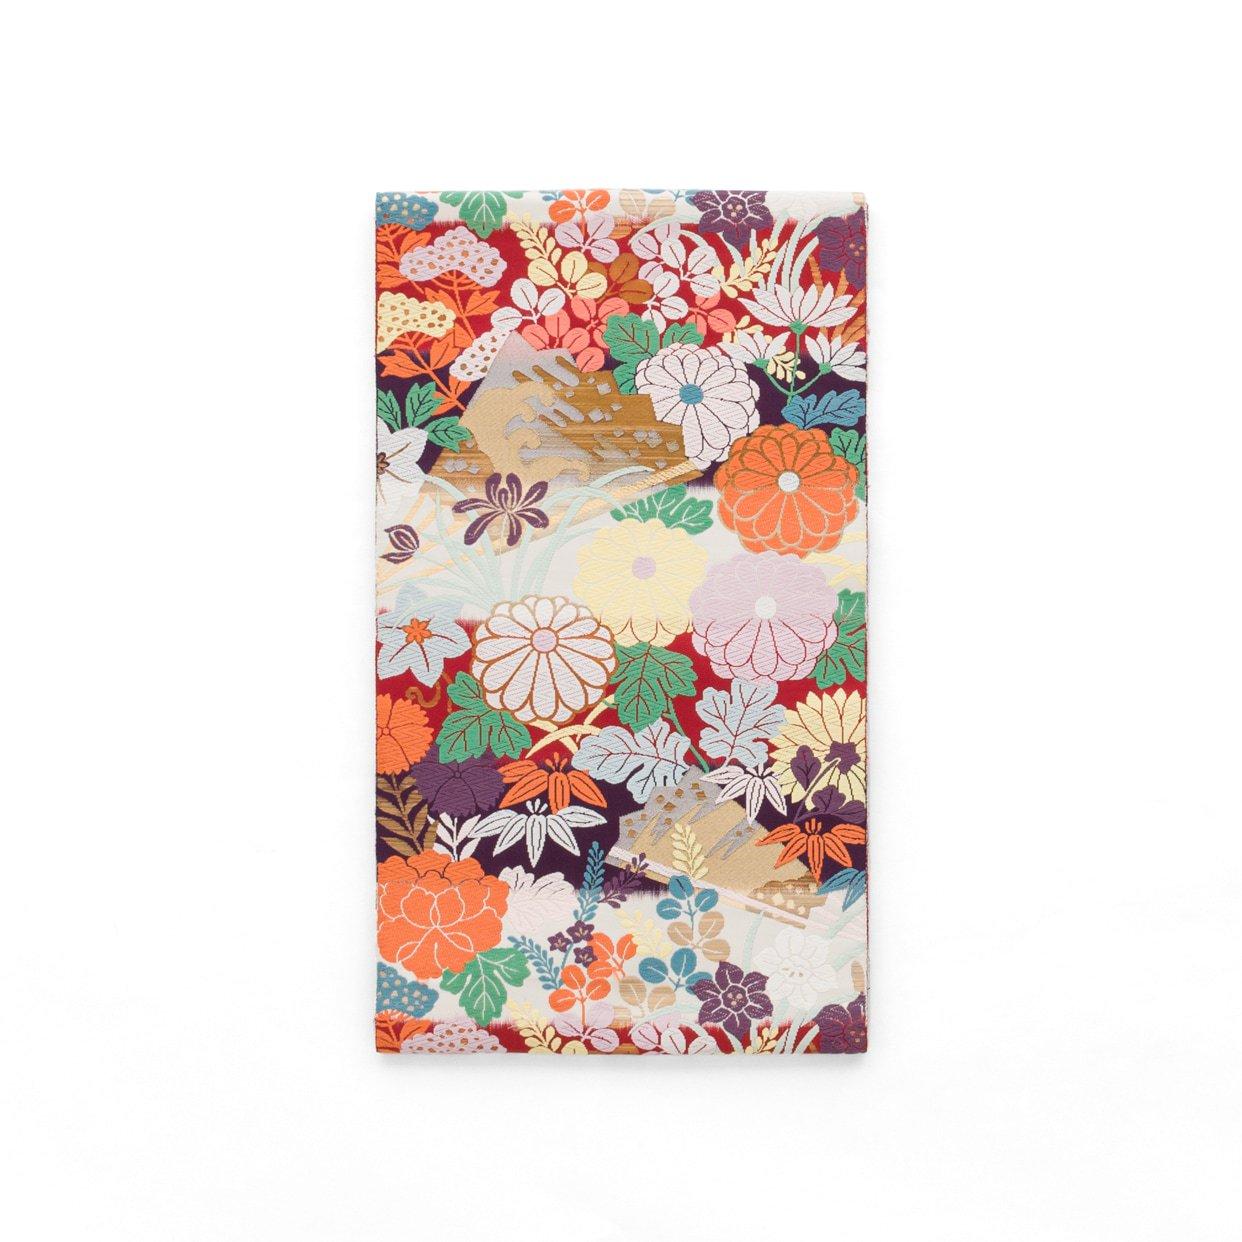 「袋帯●横段に菊 牡丹 萩など」の商品画像